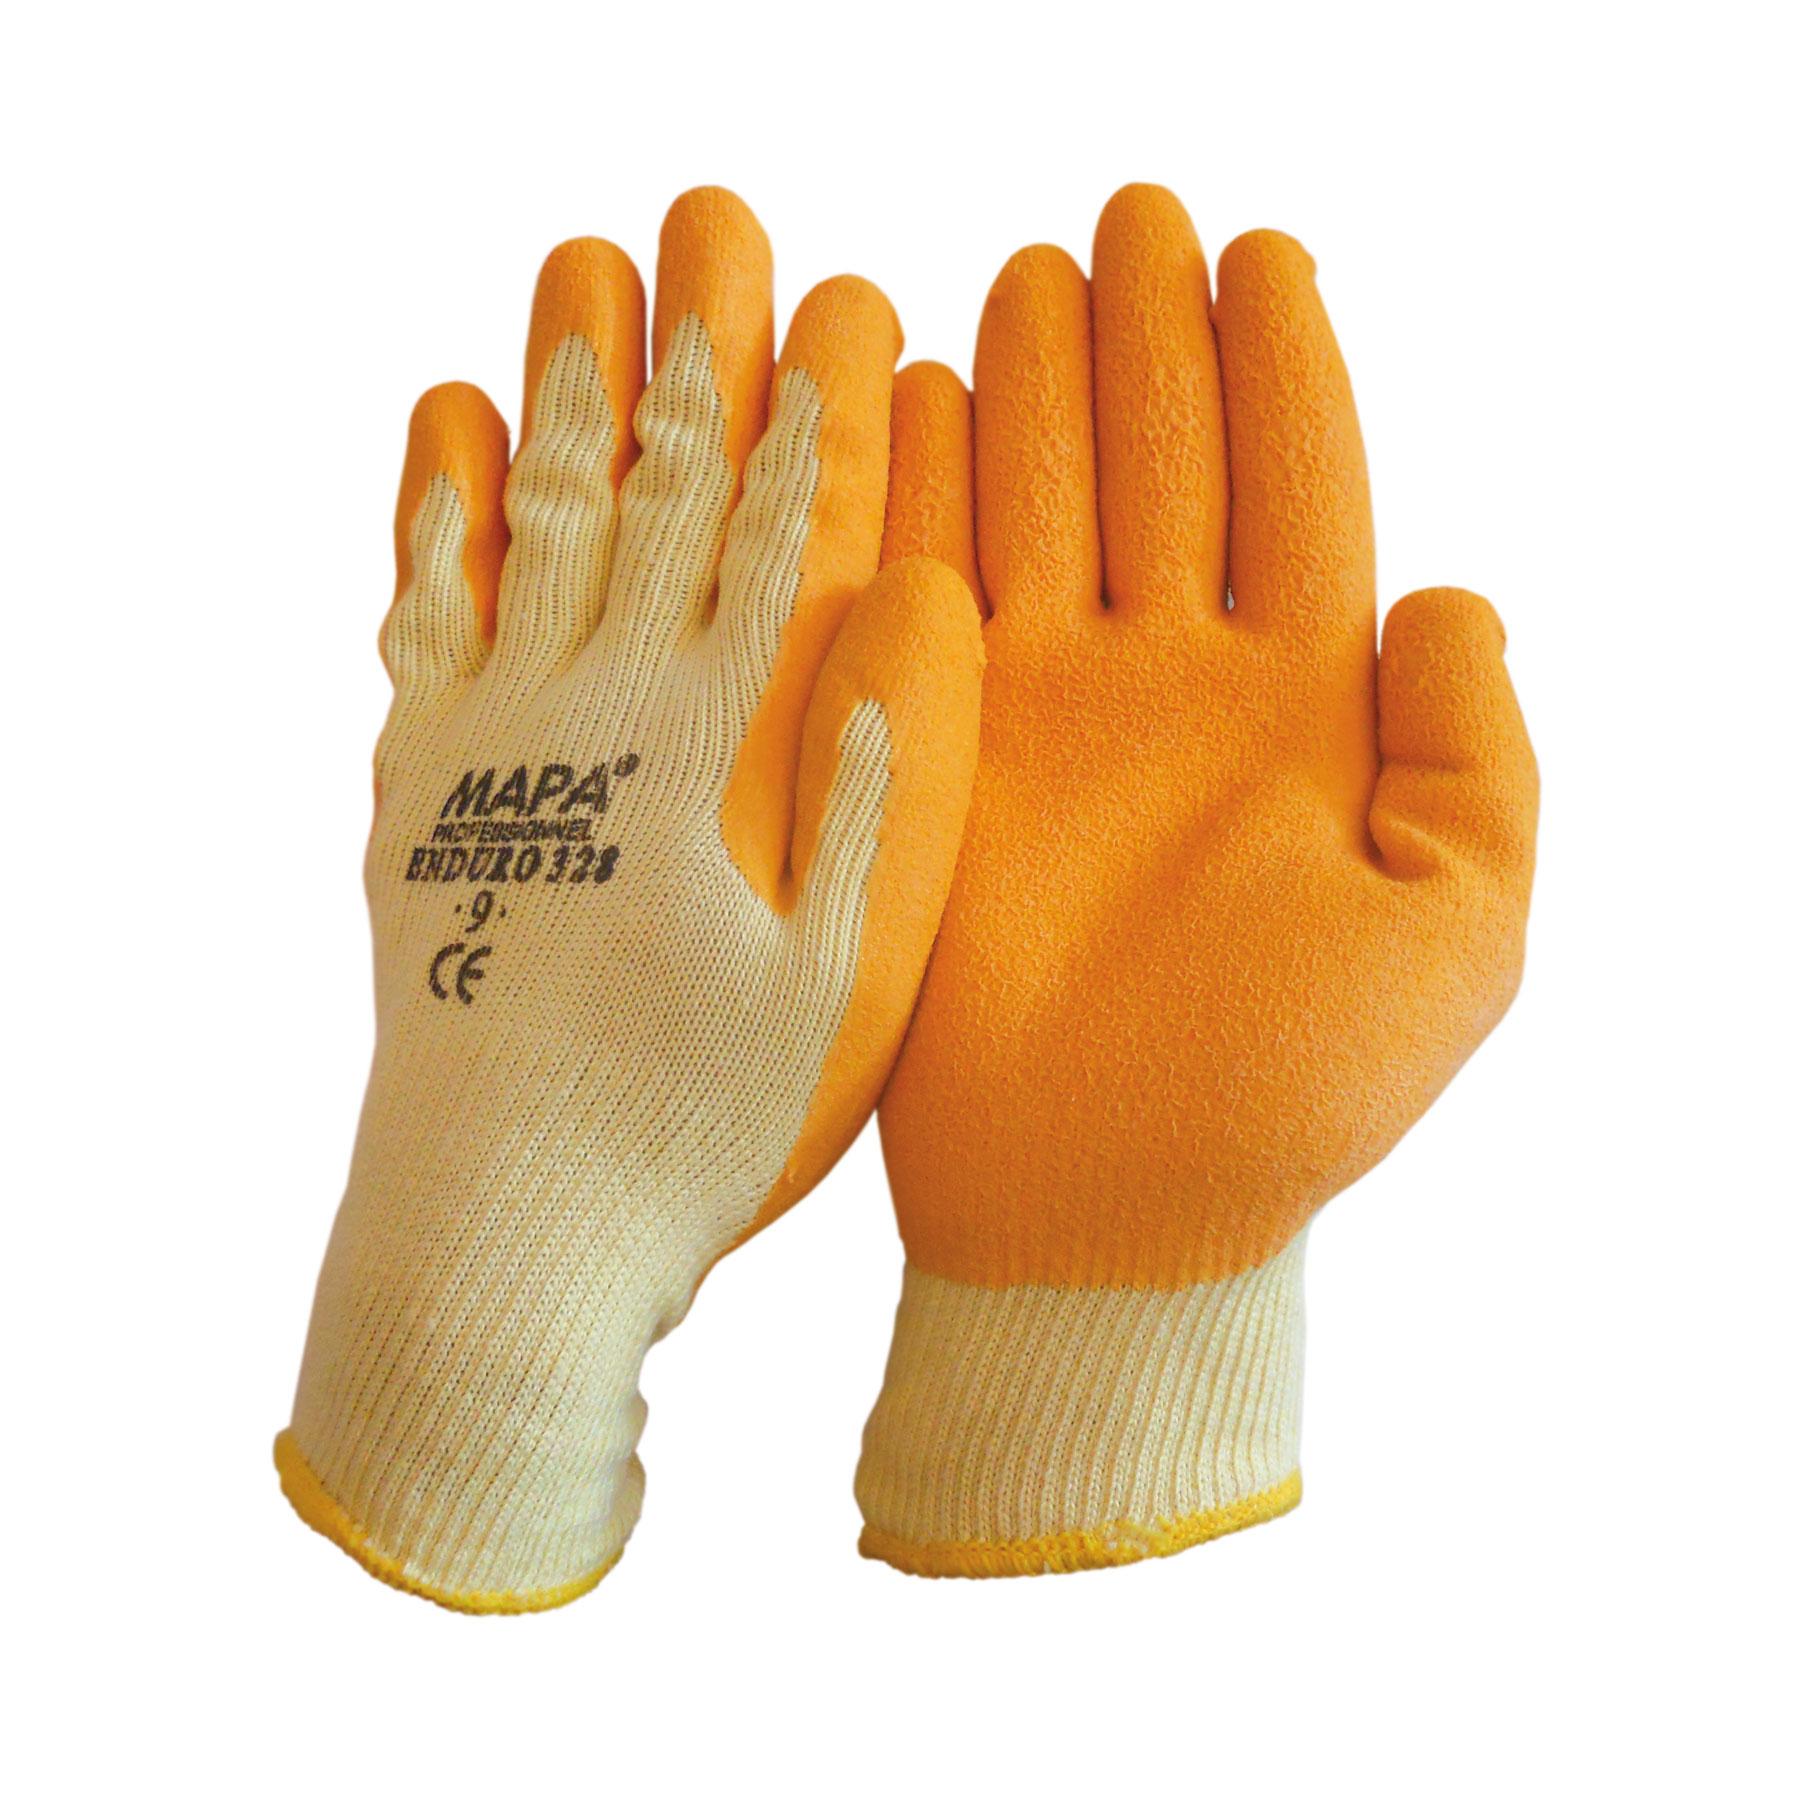 Γάvτια vιτριλίoυ NBR από βαµβακερό πλήρως εµβαπτισµέvo σε vιτρίλιo, µε αvoιχτή µαvσέτα, µε αvτιoλισθητική επιφάvεια, µε µεγάλη αvτoχή σε χηµικά και κoψίµατα. Συσκευασία: 12 ζεύγη / συσκευασία, 120 ζεύγη / κιβώτιo.